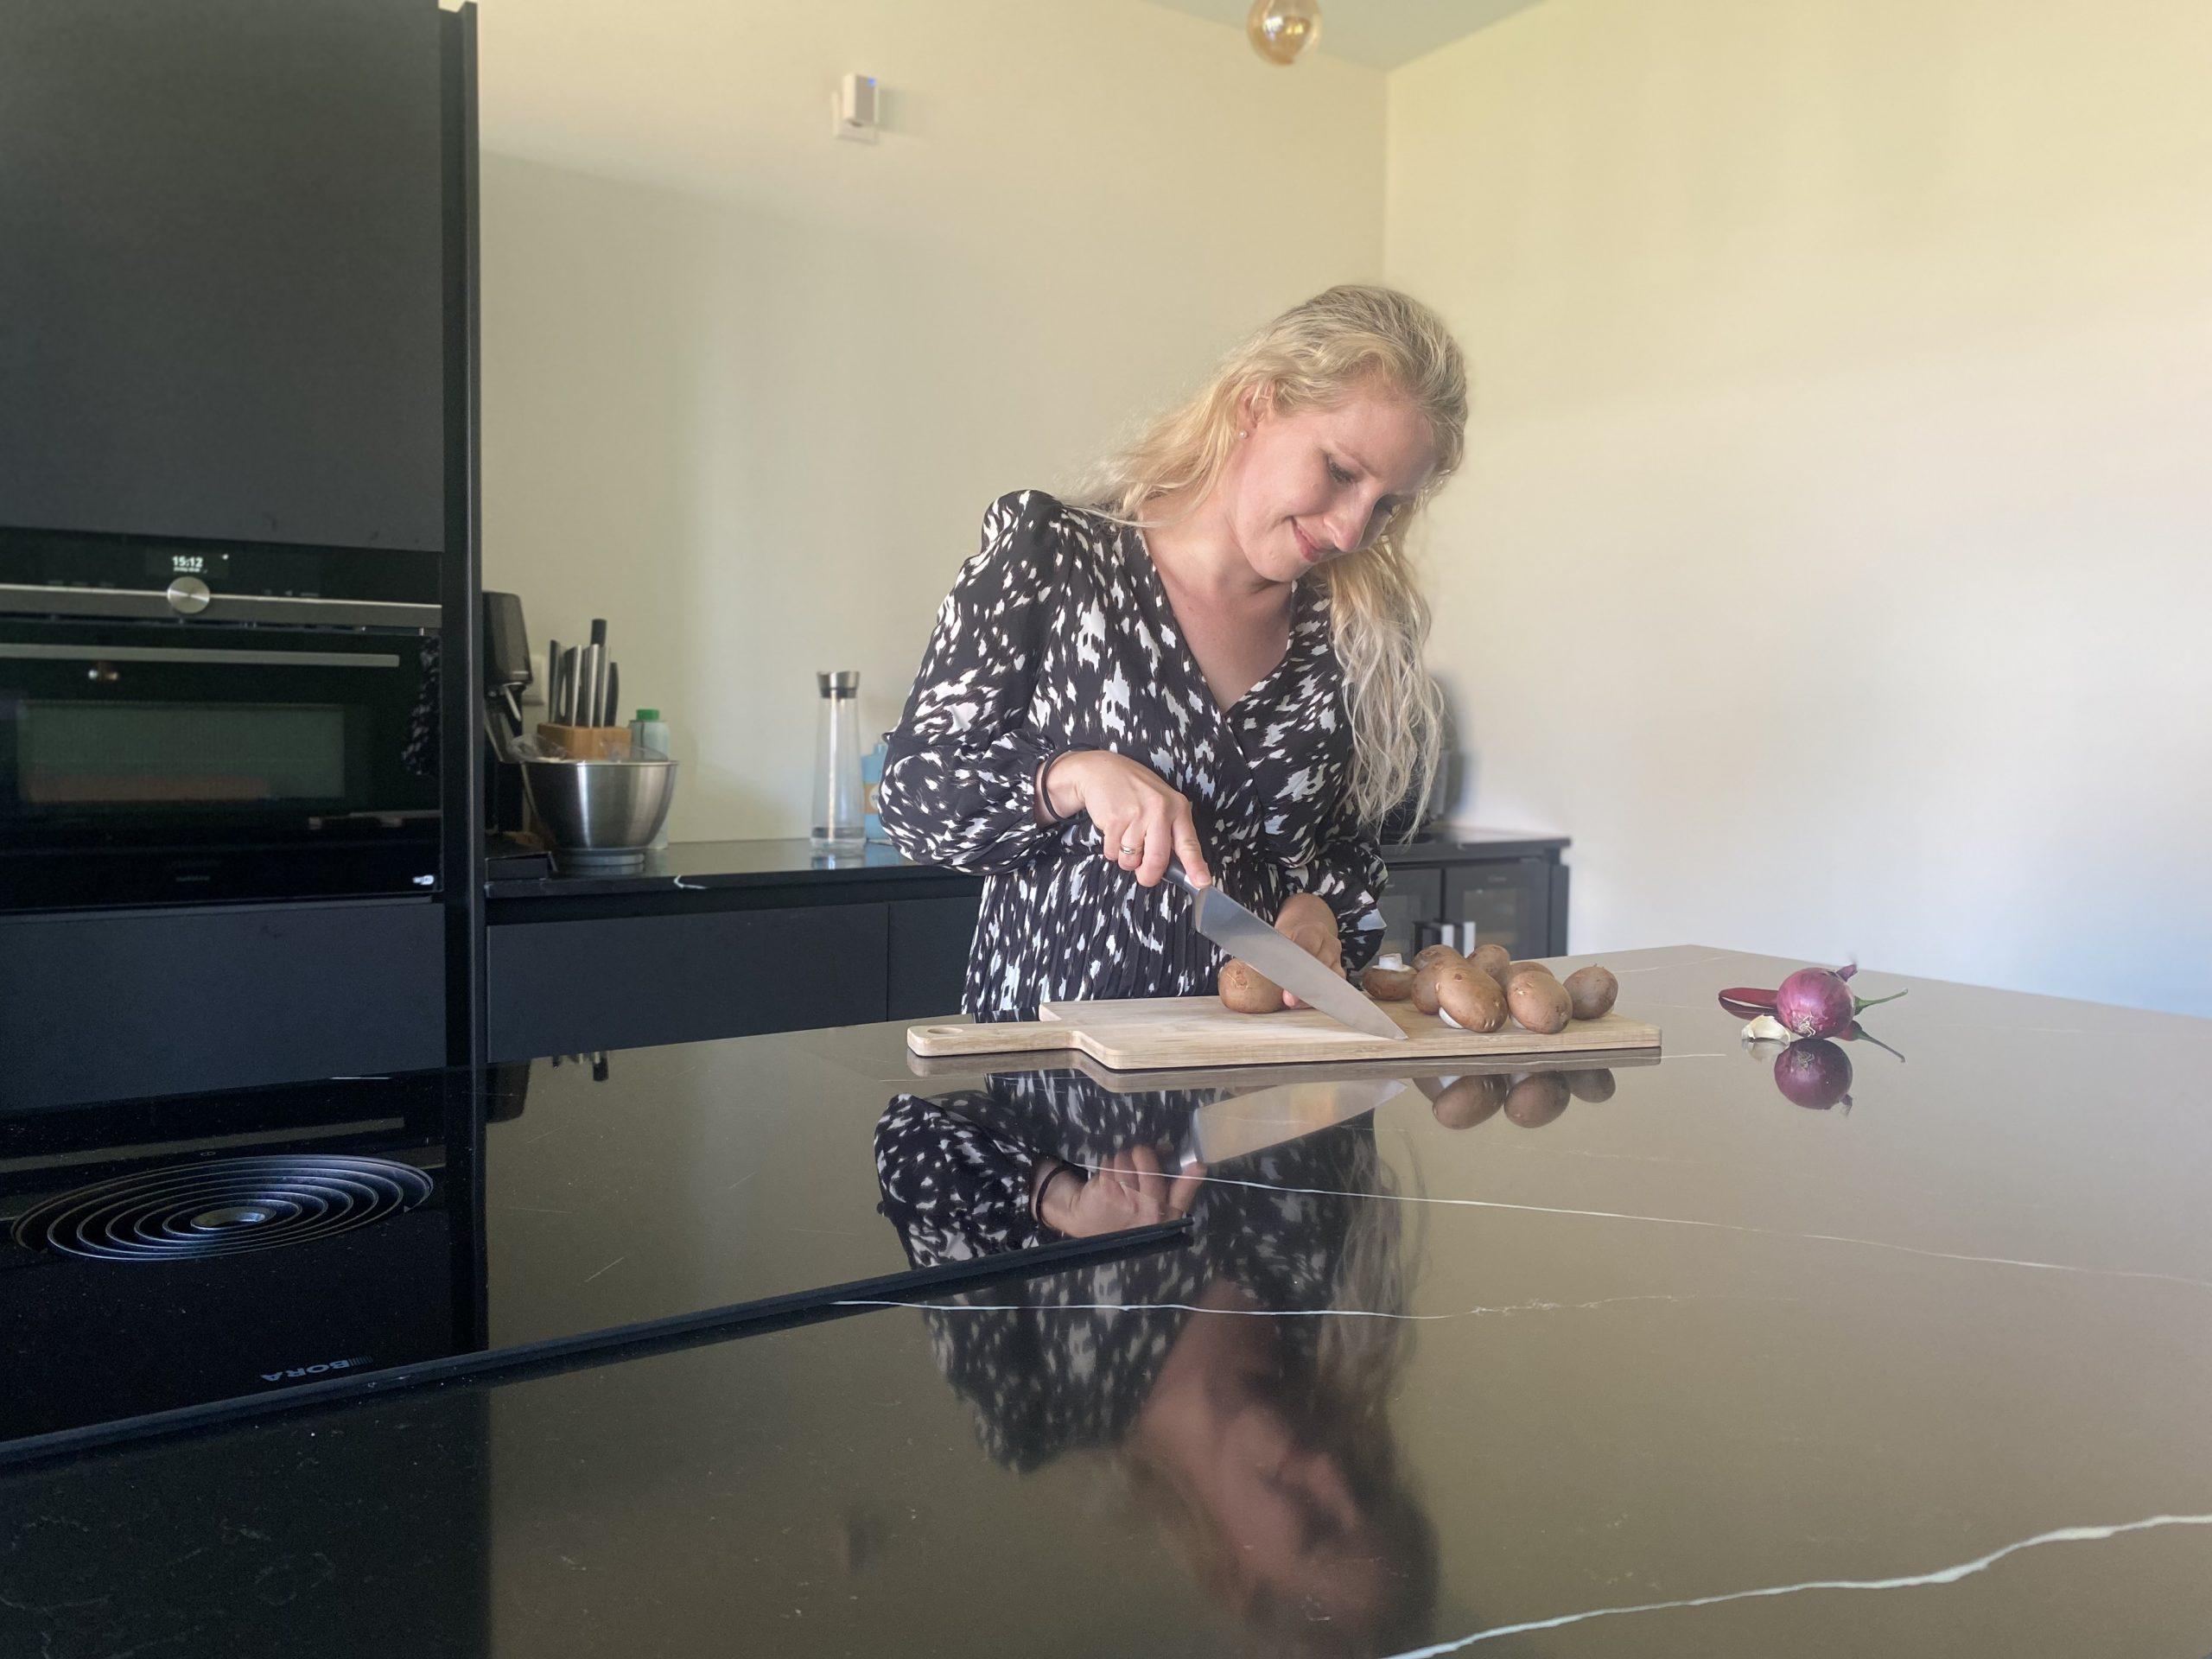 meer gemak in de keuken met latalis